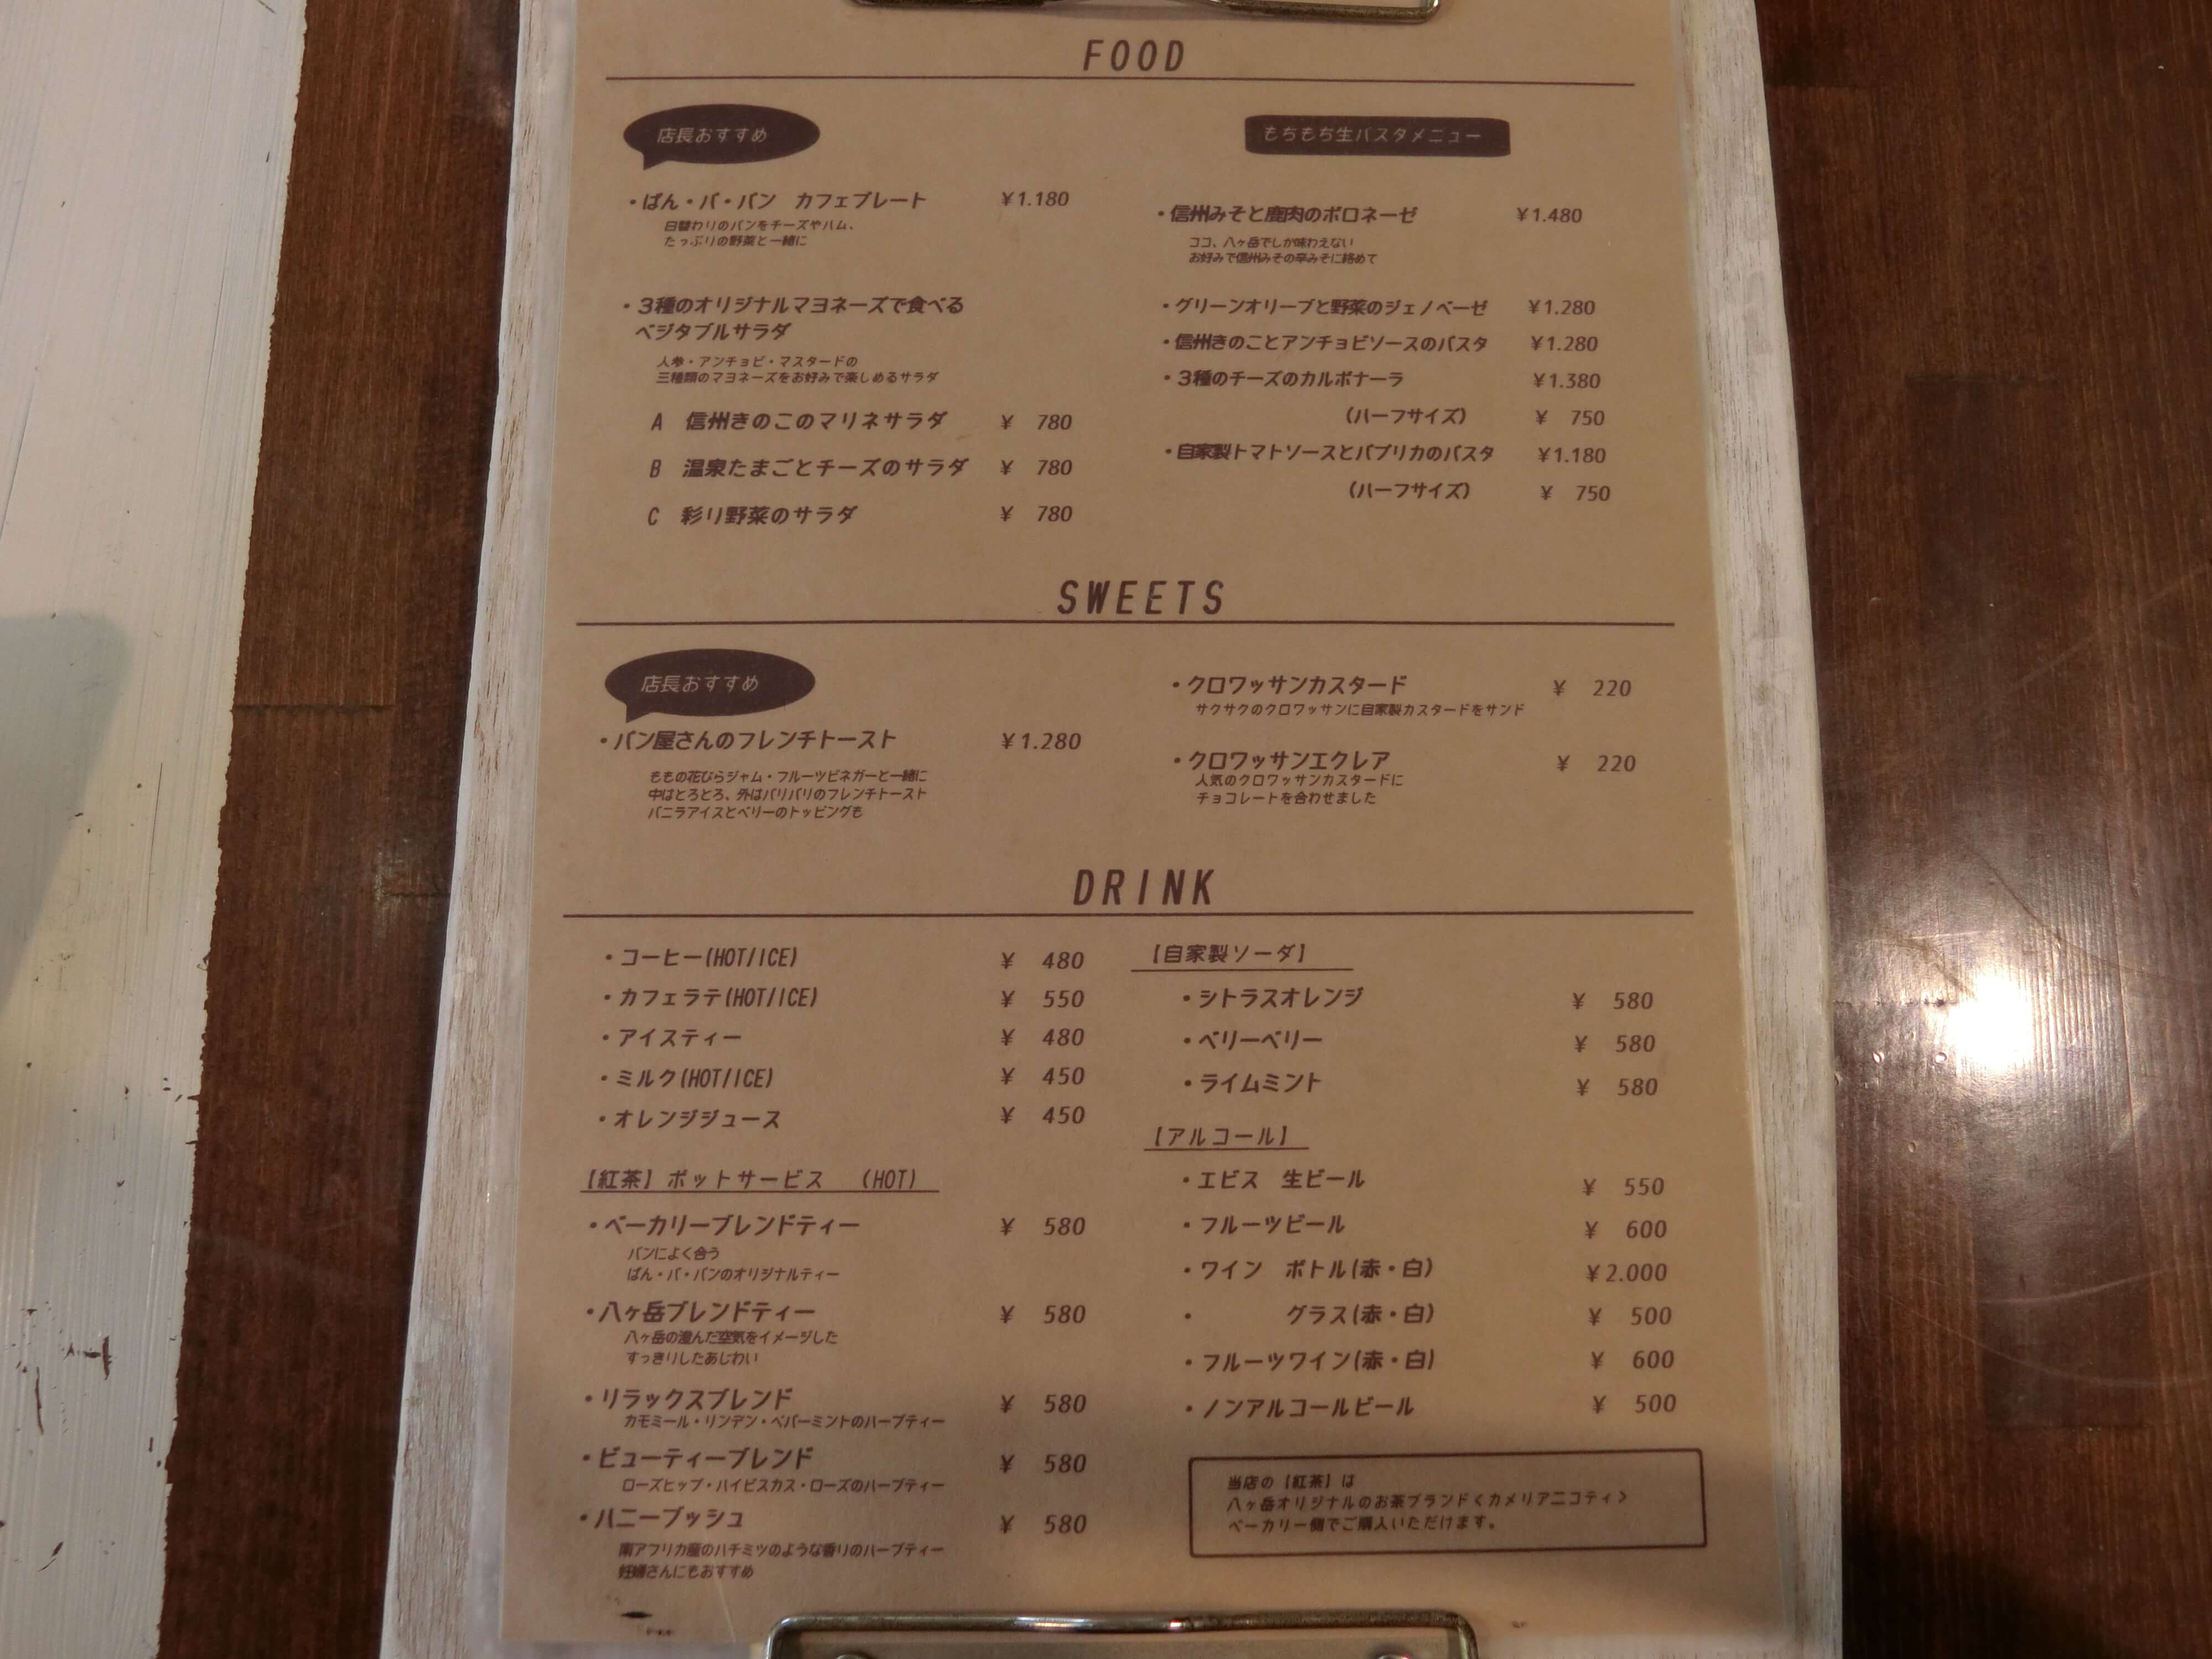 【八ヶ岳パン&カフェ】ぱんパパンドカフェ@リゾナーレ八ヶ岳|料理